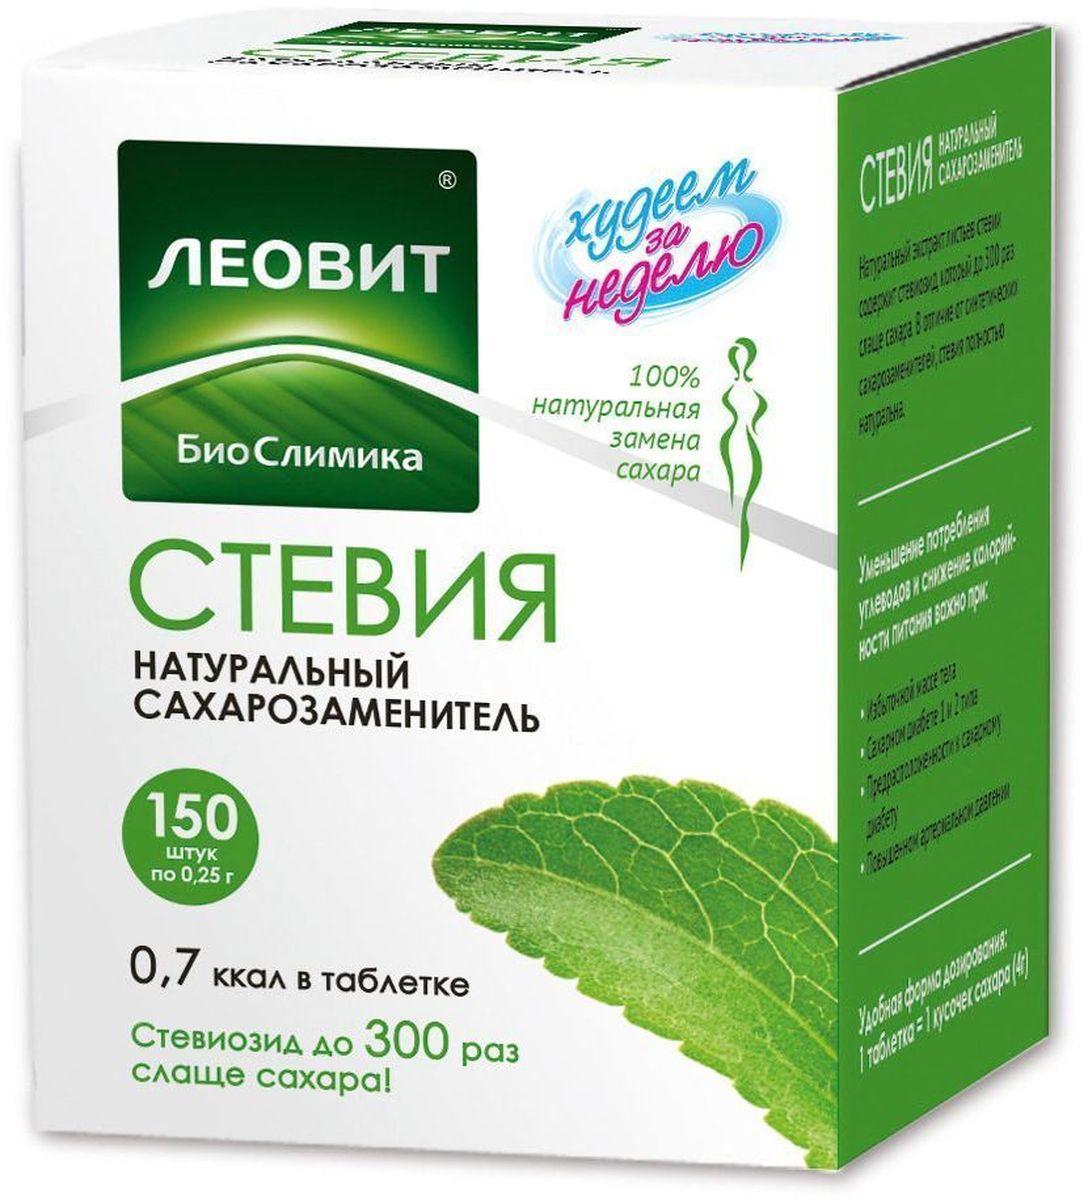 БиоСлимика Стевия Натуральный сахарозаменитель 150 таблеток, 37,5 г151205Стевия – 100% натуральный сахарозаменитель.Содержит натуральный экстракт листьев стевииВ одной порции – всего 0,7 ккалСтевиозид до 300 раз слаще сахараПротивопоказания: индивидуальная непереносимость компонентовПоказан при диабете